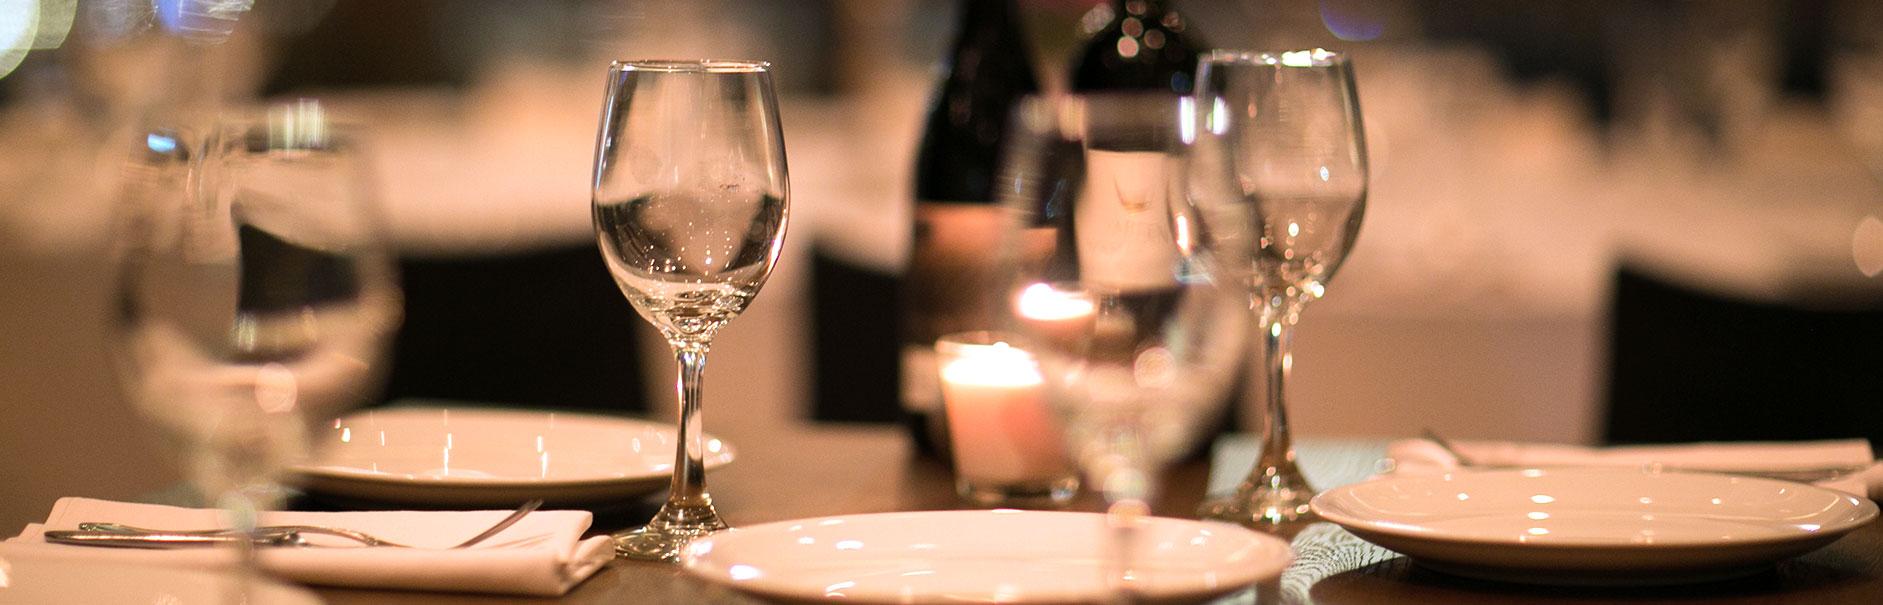 מסעדה בשרית כשרה במרכז